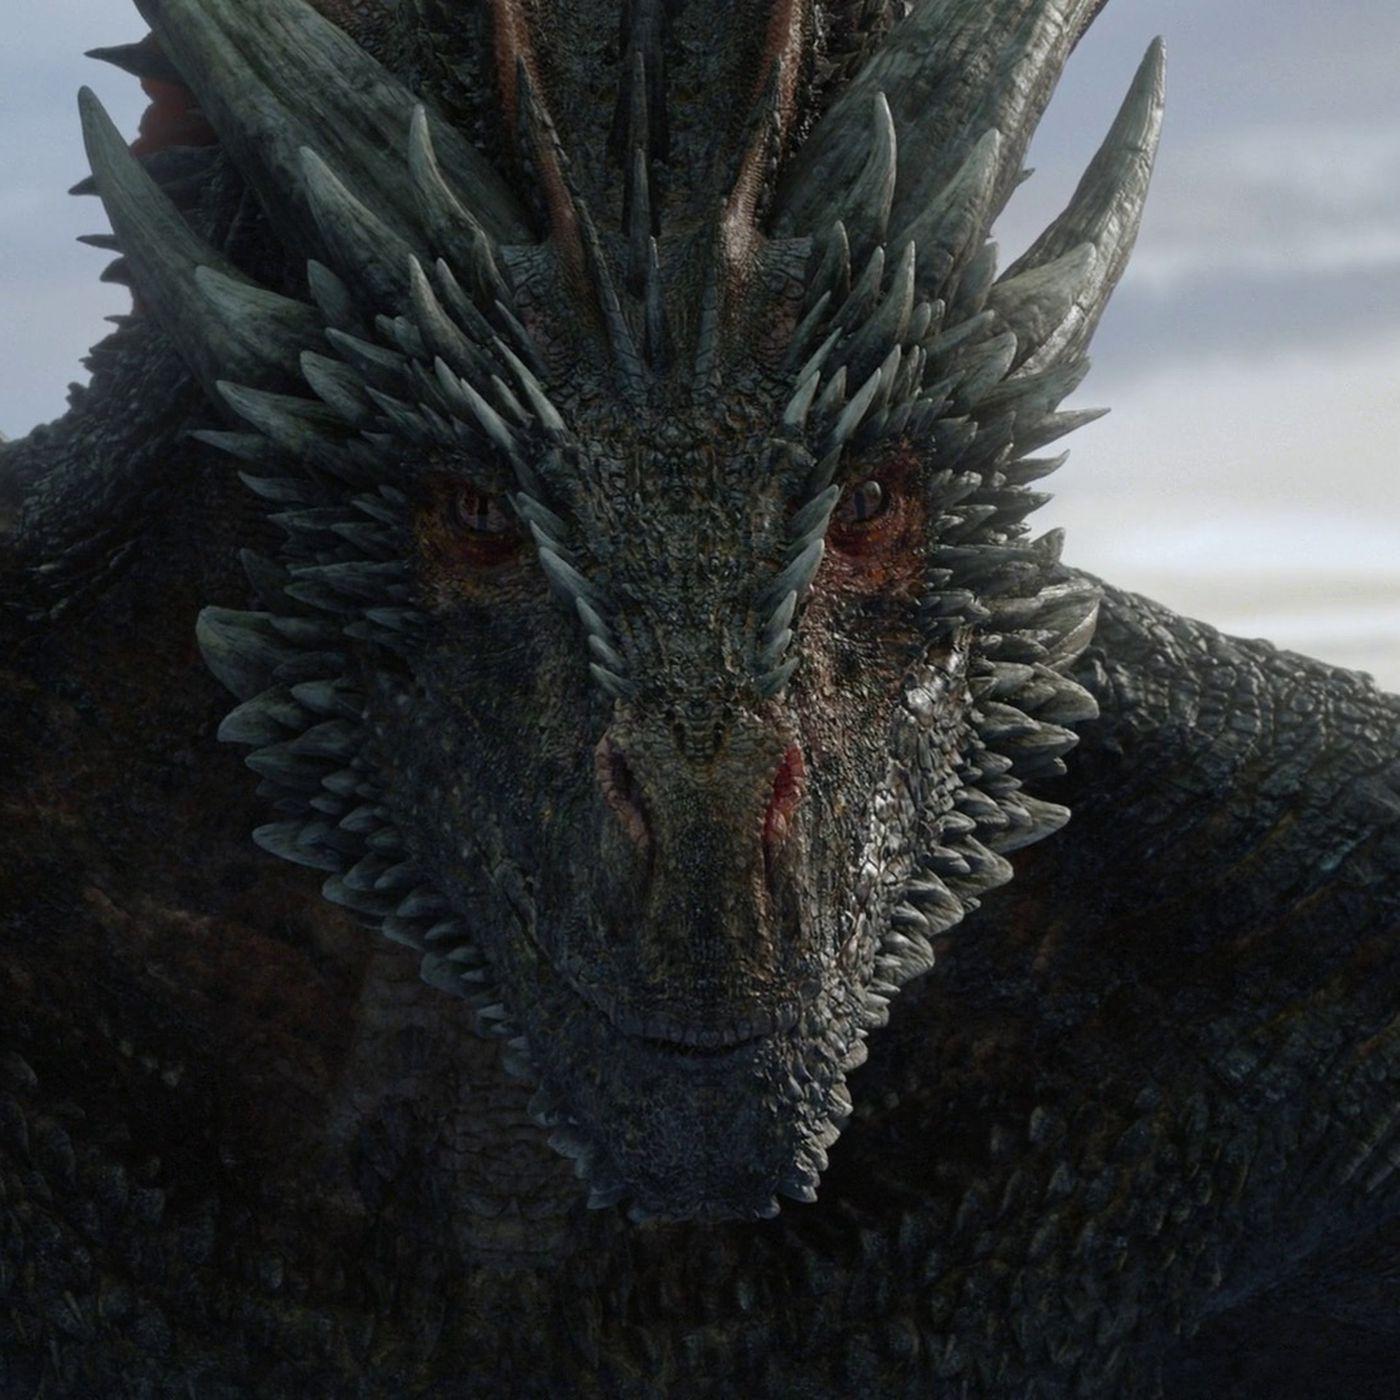 Game of Thrones S8E1 breakdown: Daenerys, Targaryen history, & Jon